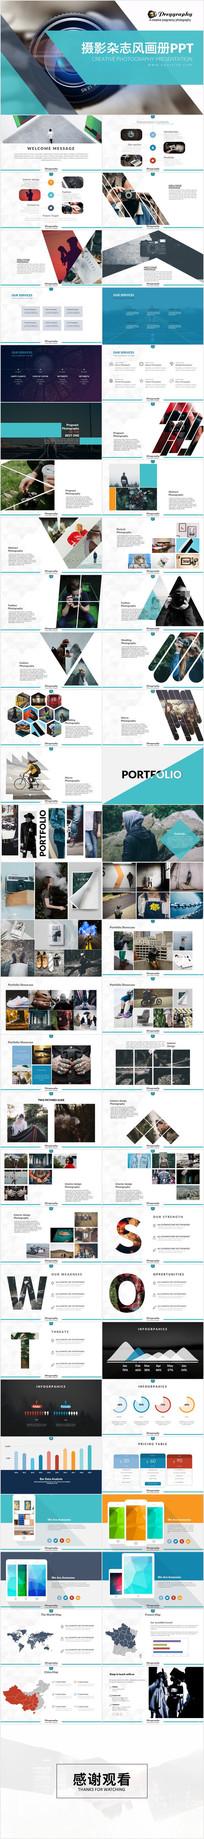 摄影工作室宣传创意设计ppt